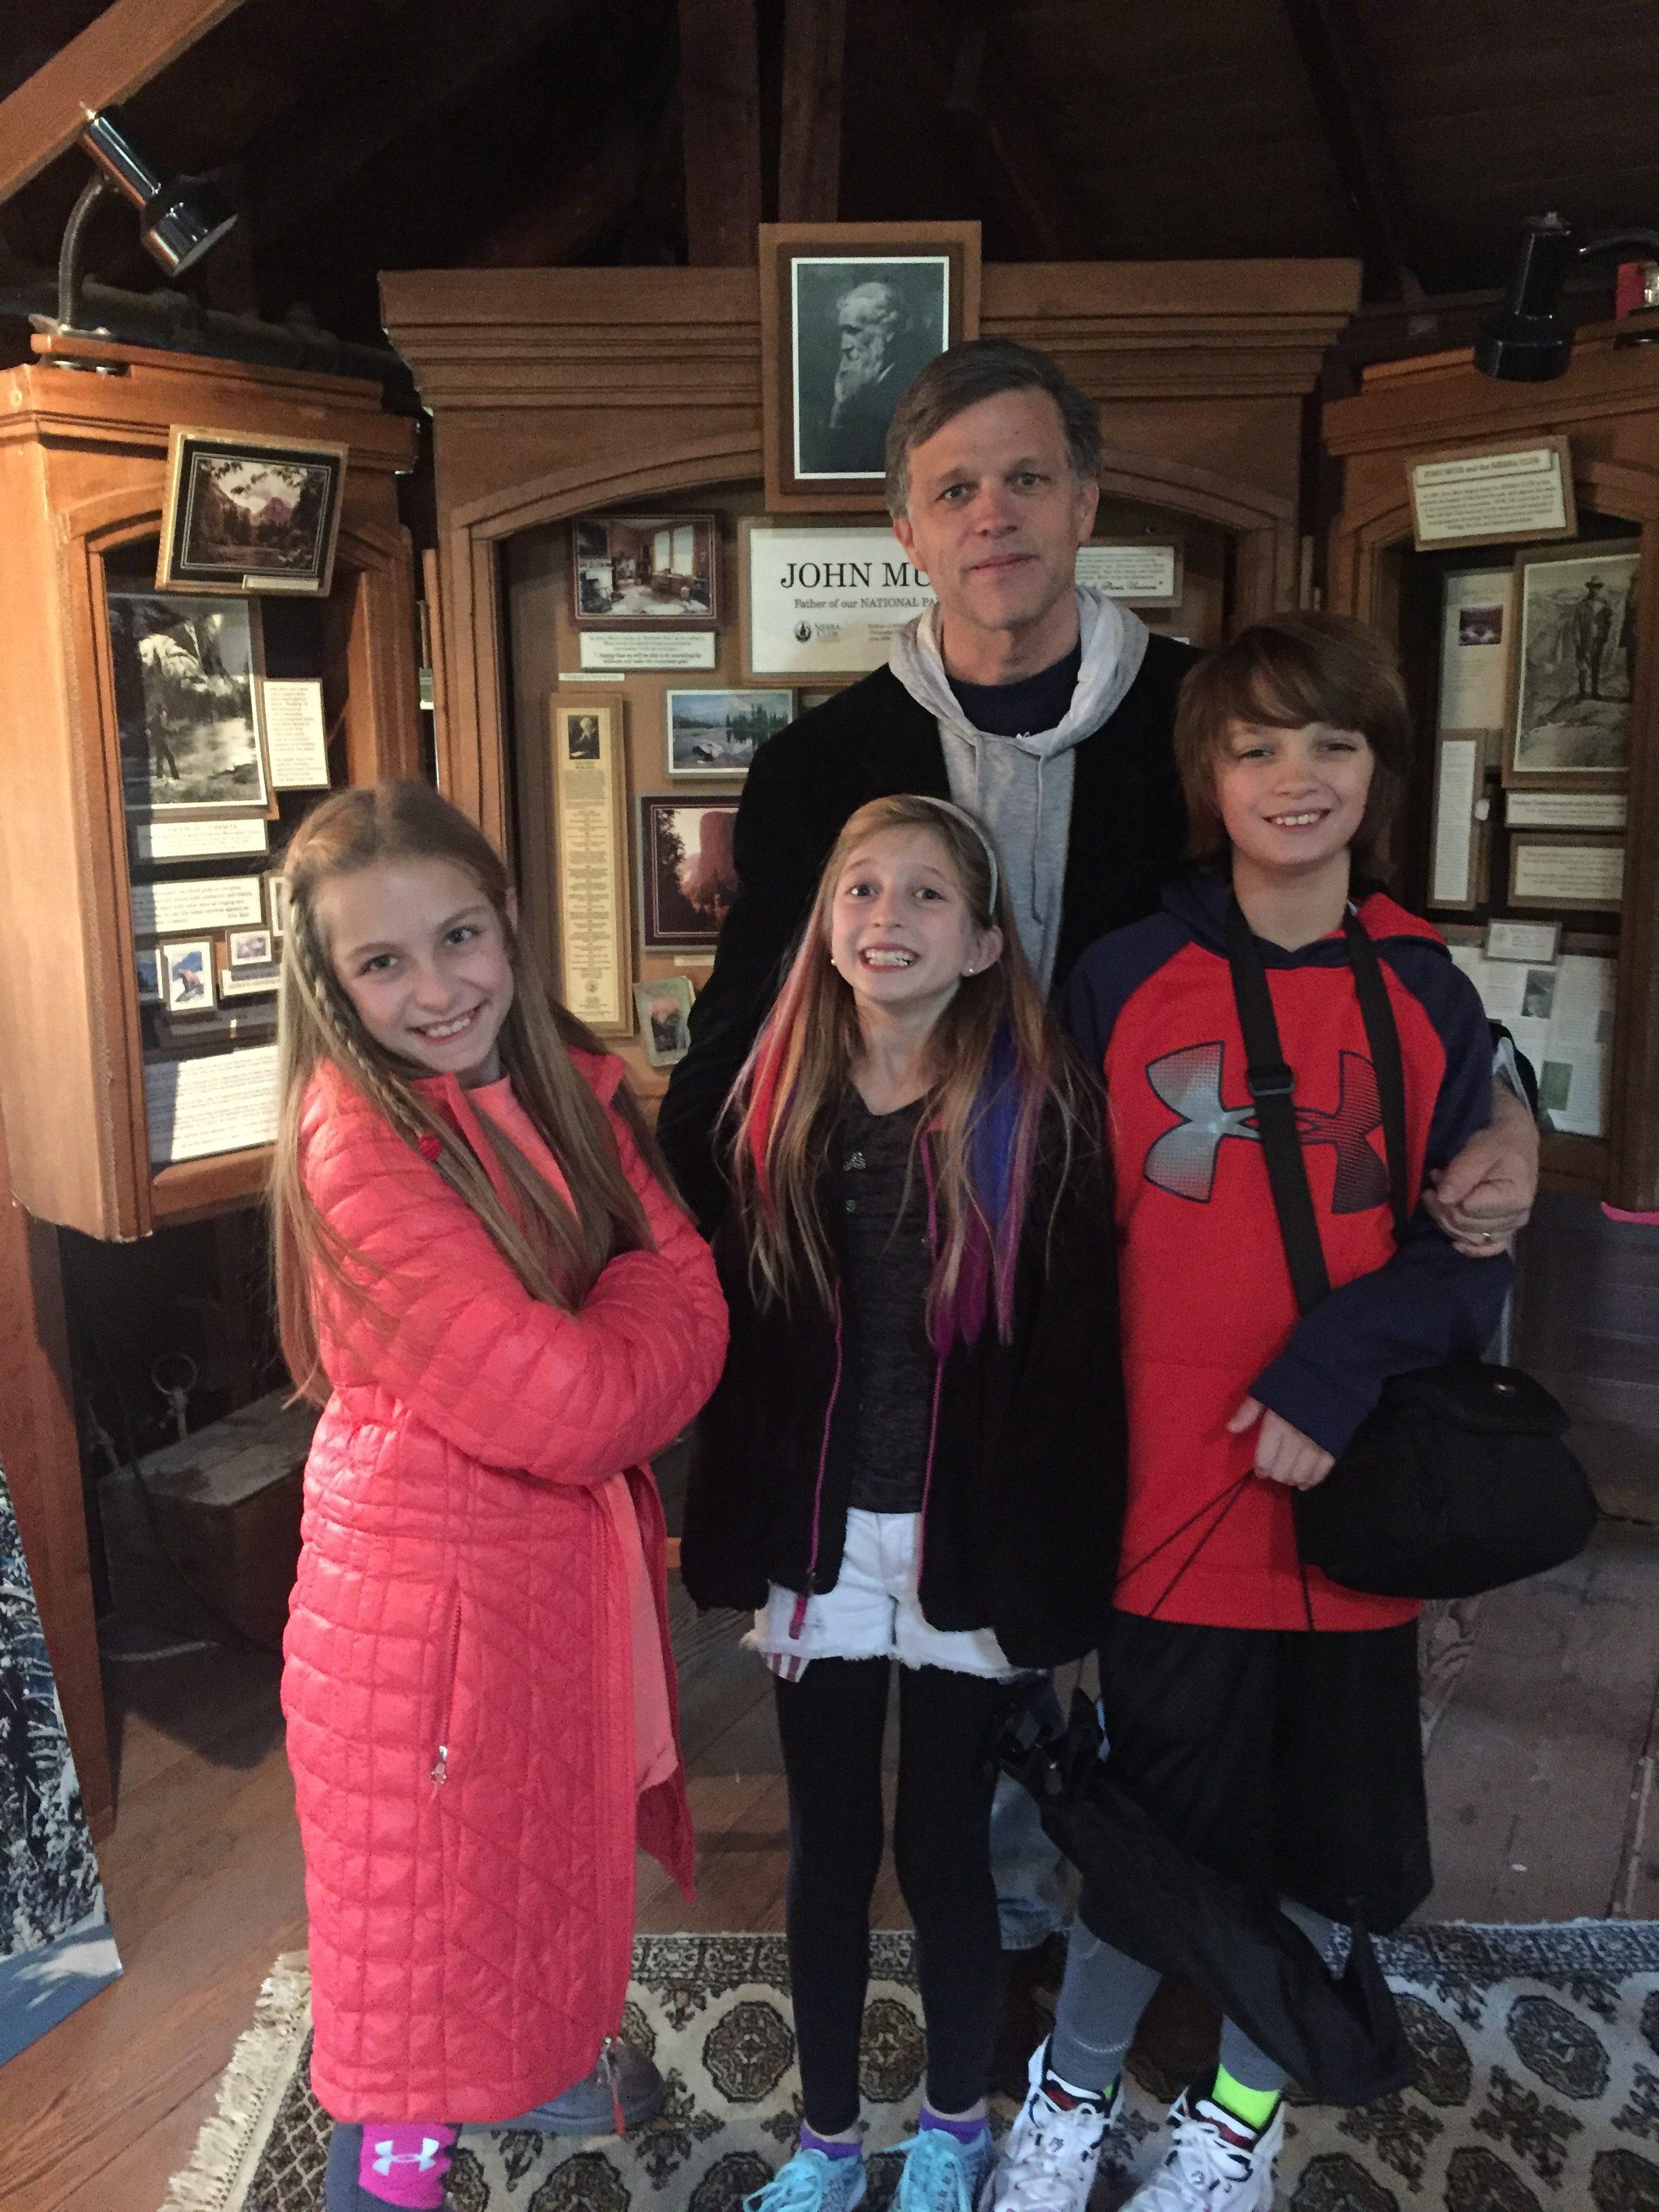 Douglas Brinkley and kids at John Muir house